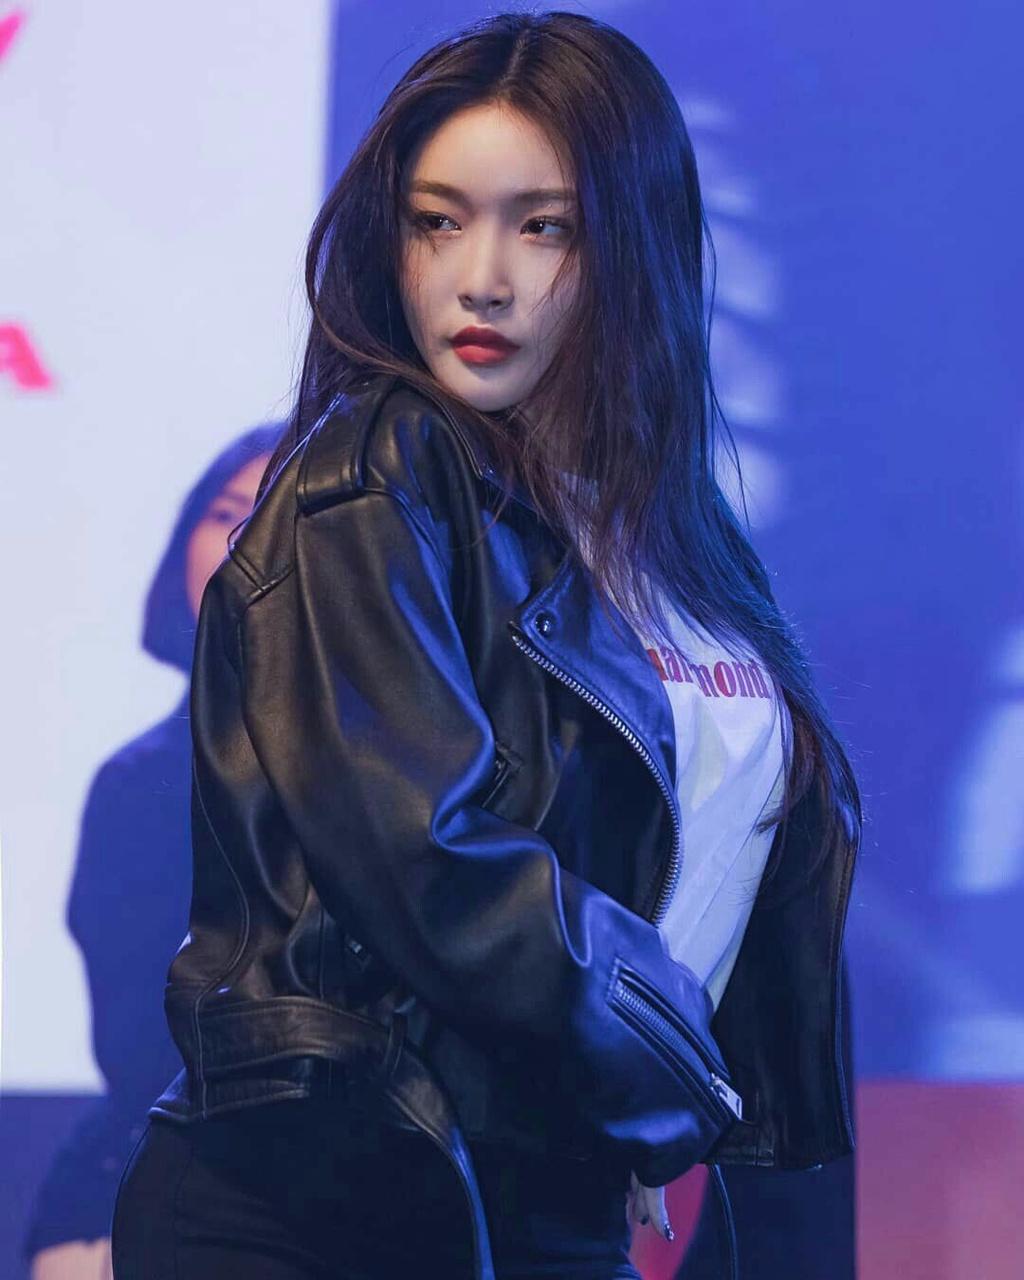 5 idol Kpop so huu hinh tuong girl crush hinh anh 9 3a9db7bb42afa5a5566d67b4b5f2e968.jpg